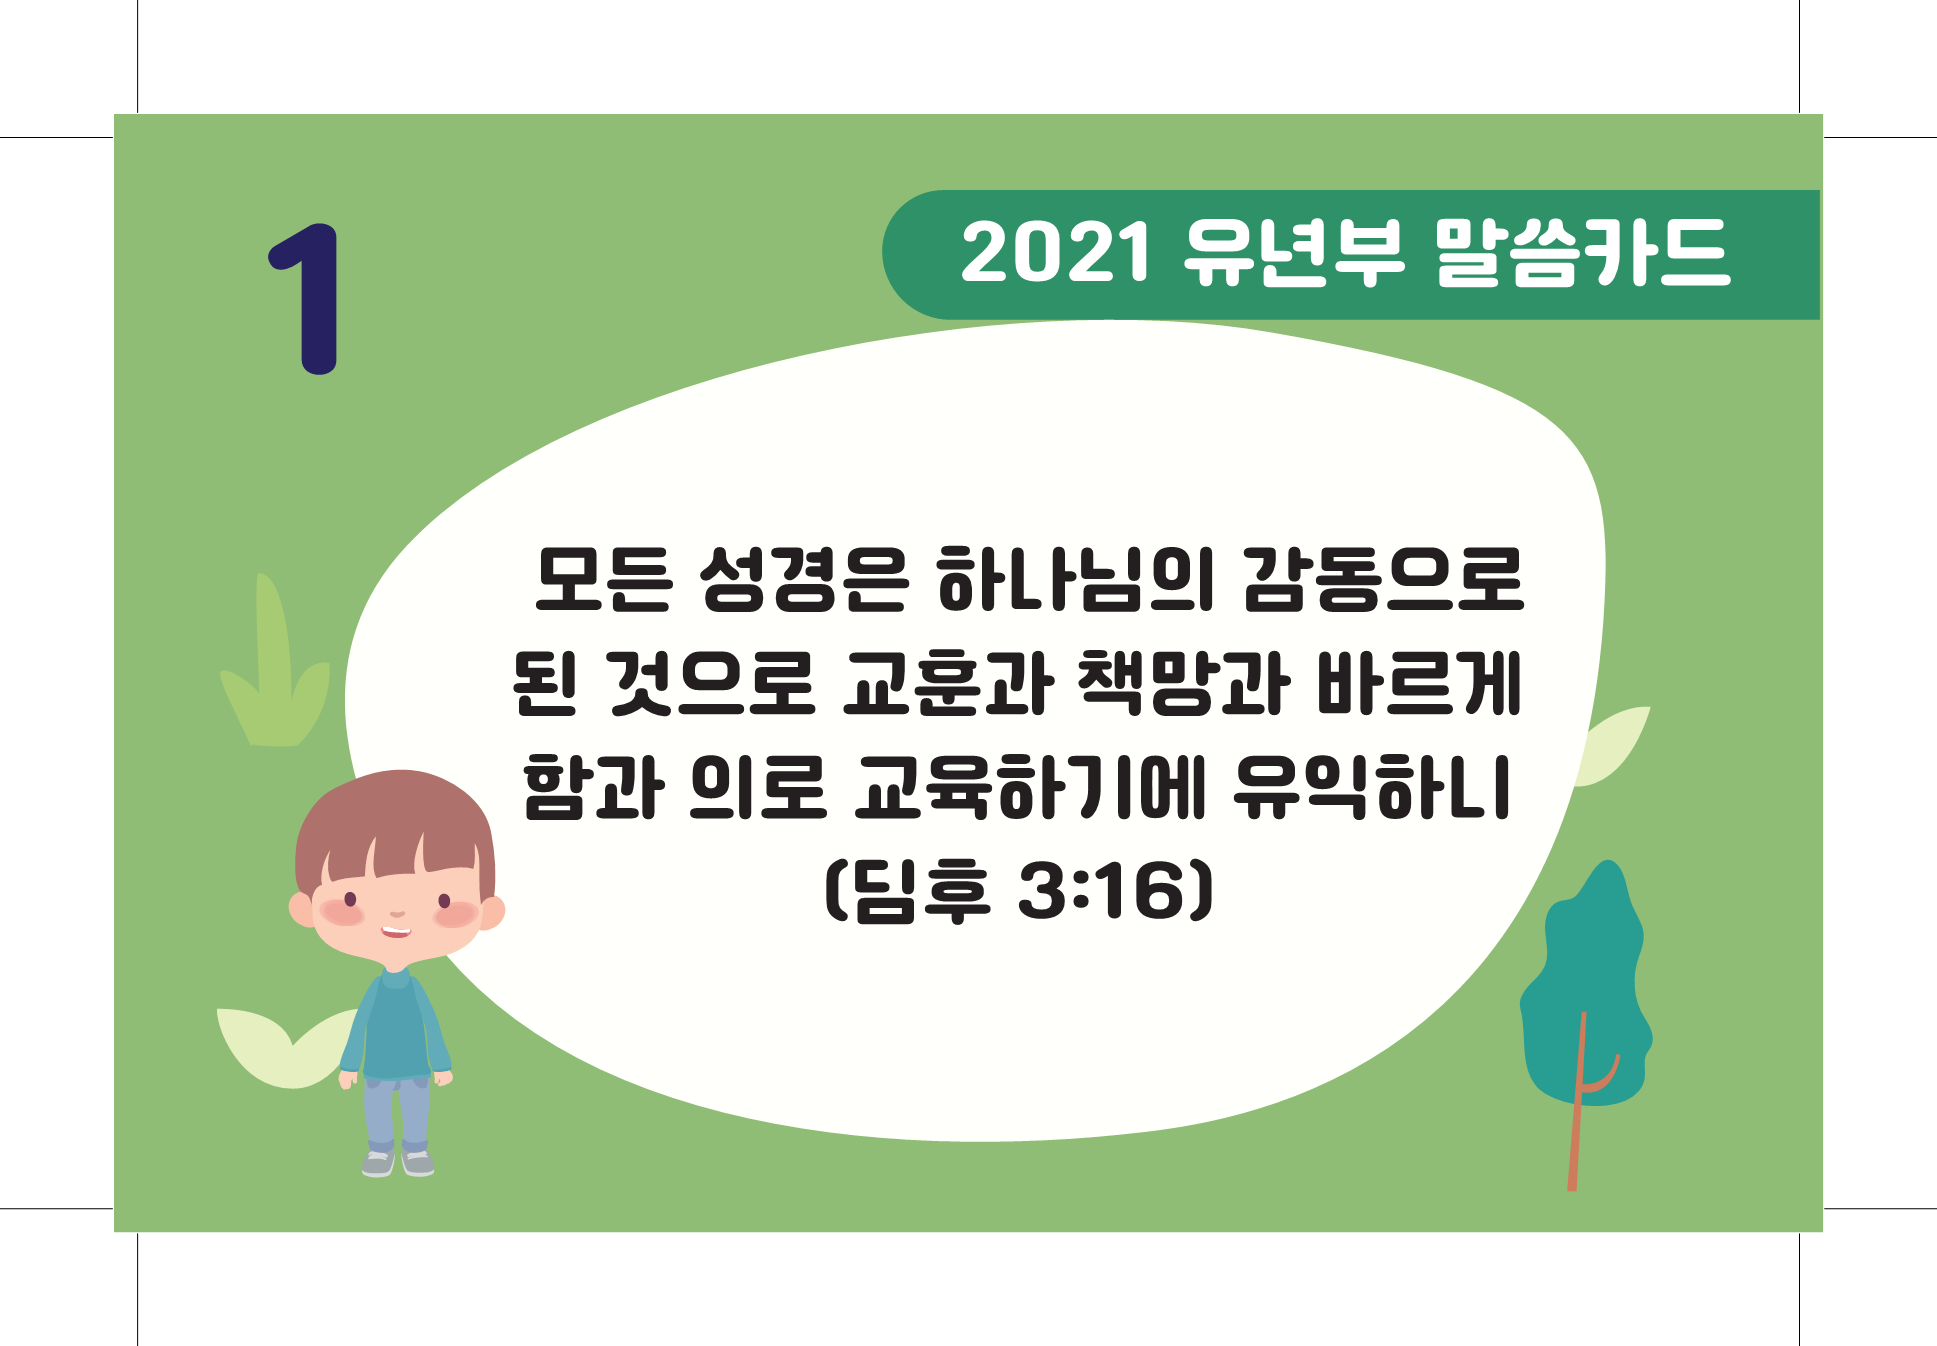 2021_교회학교_말씀카드_하반기_유초등부_낱장_1.png